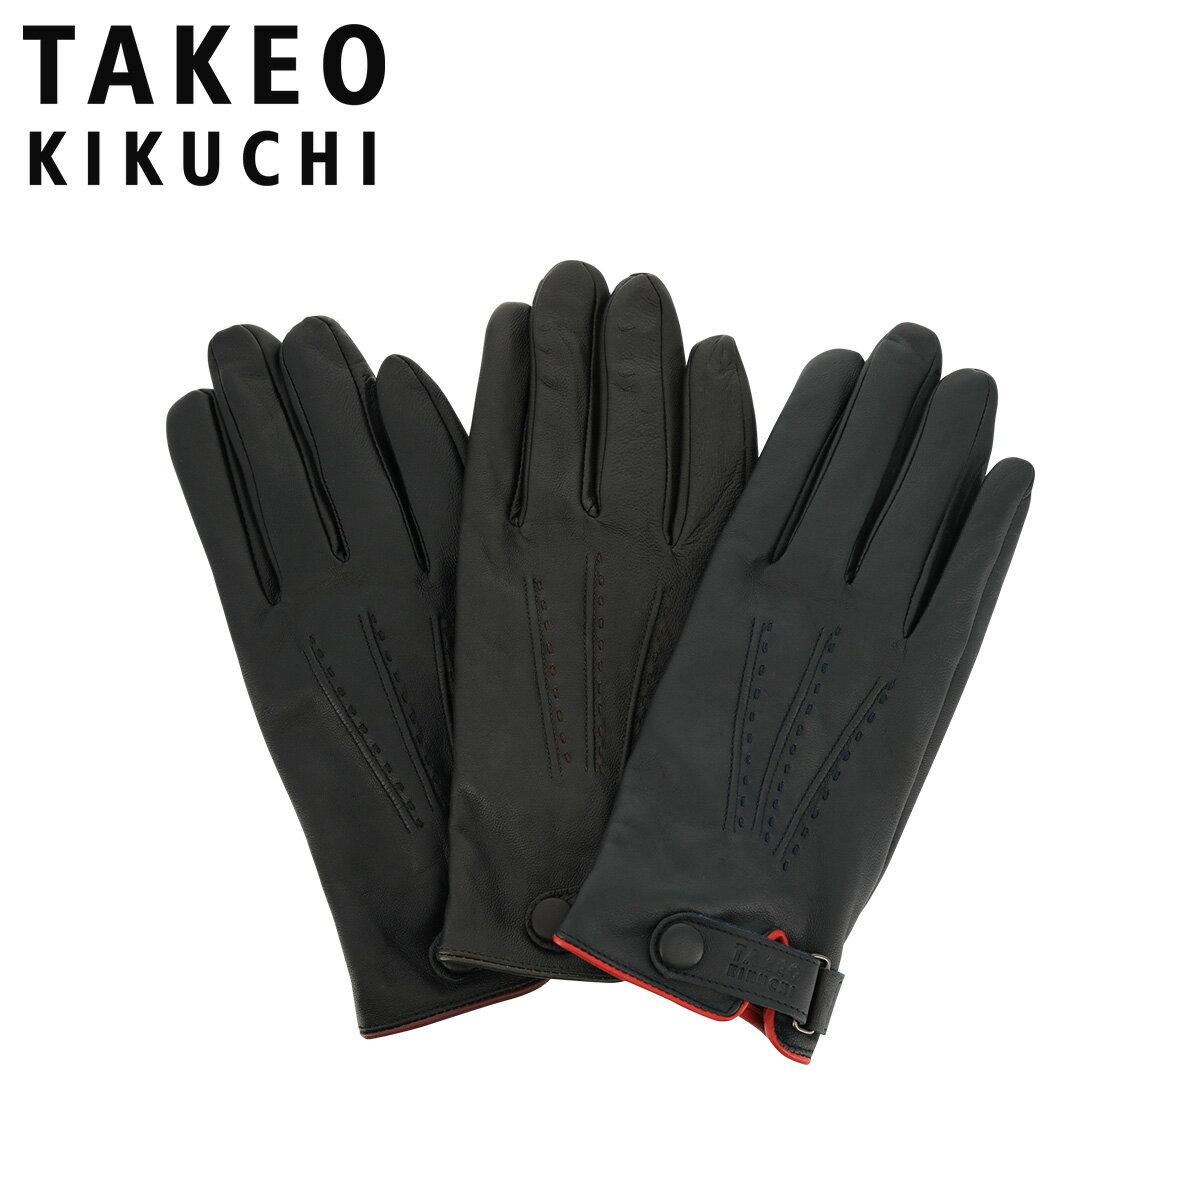 タケオキクチ 手袋 メンズ tkg-7048 TAKEO KIKUCHI | 本革 レザー スマートフォン対応 秋冬 防寒 [初売り][即日発送][PO5]